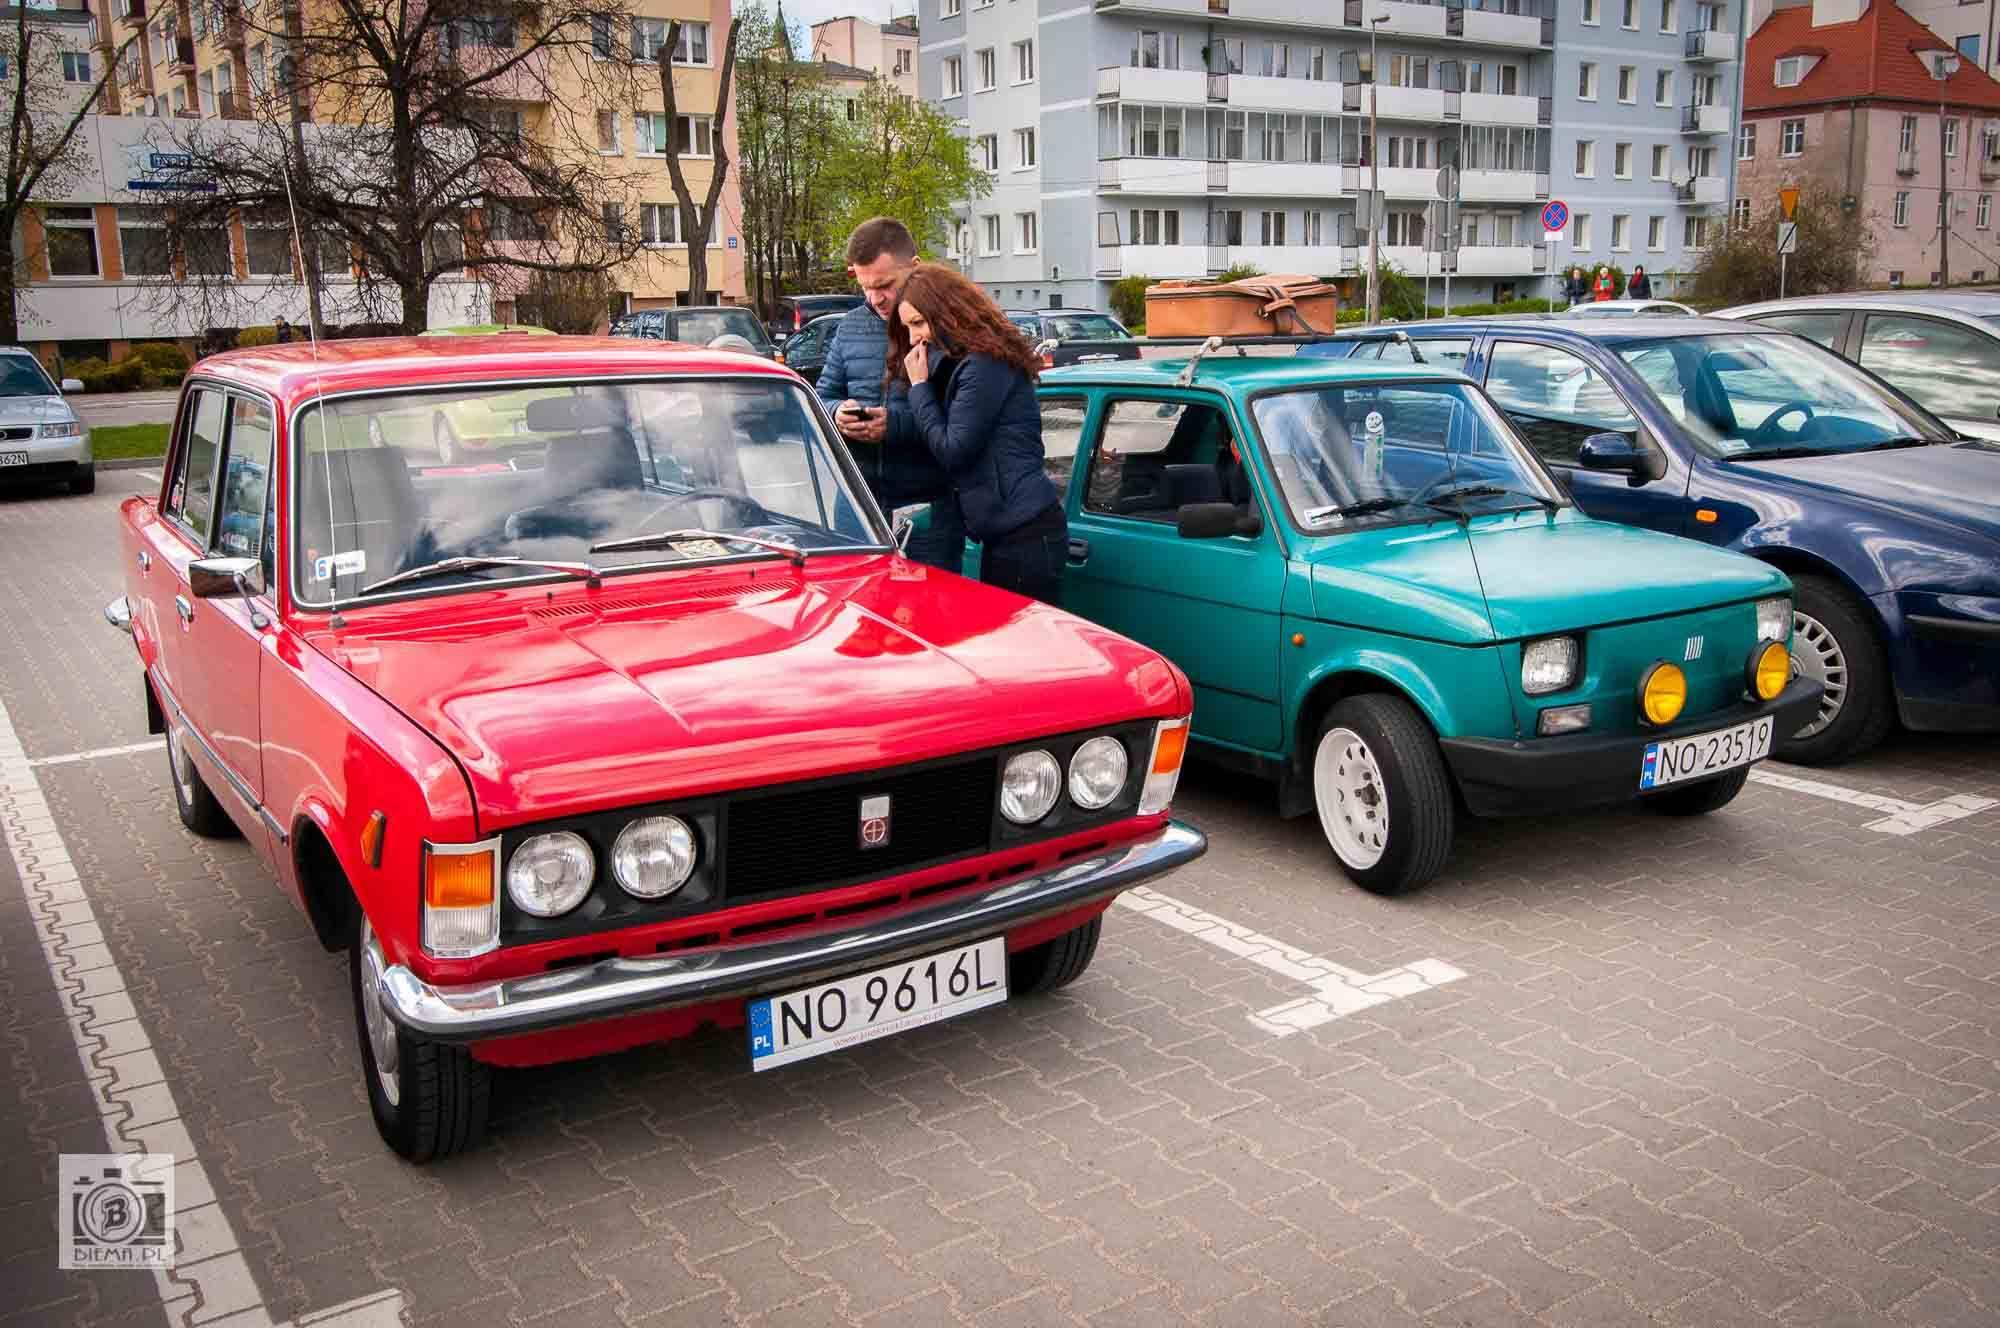 Wielki Fiat Seby